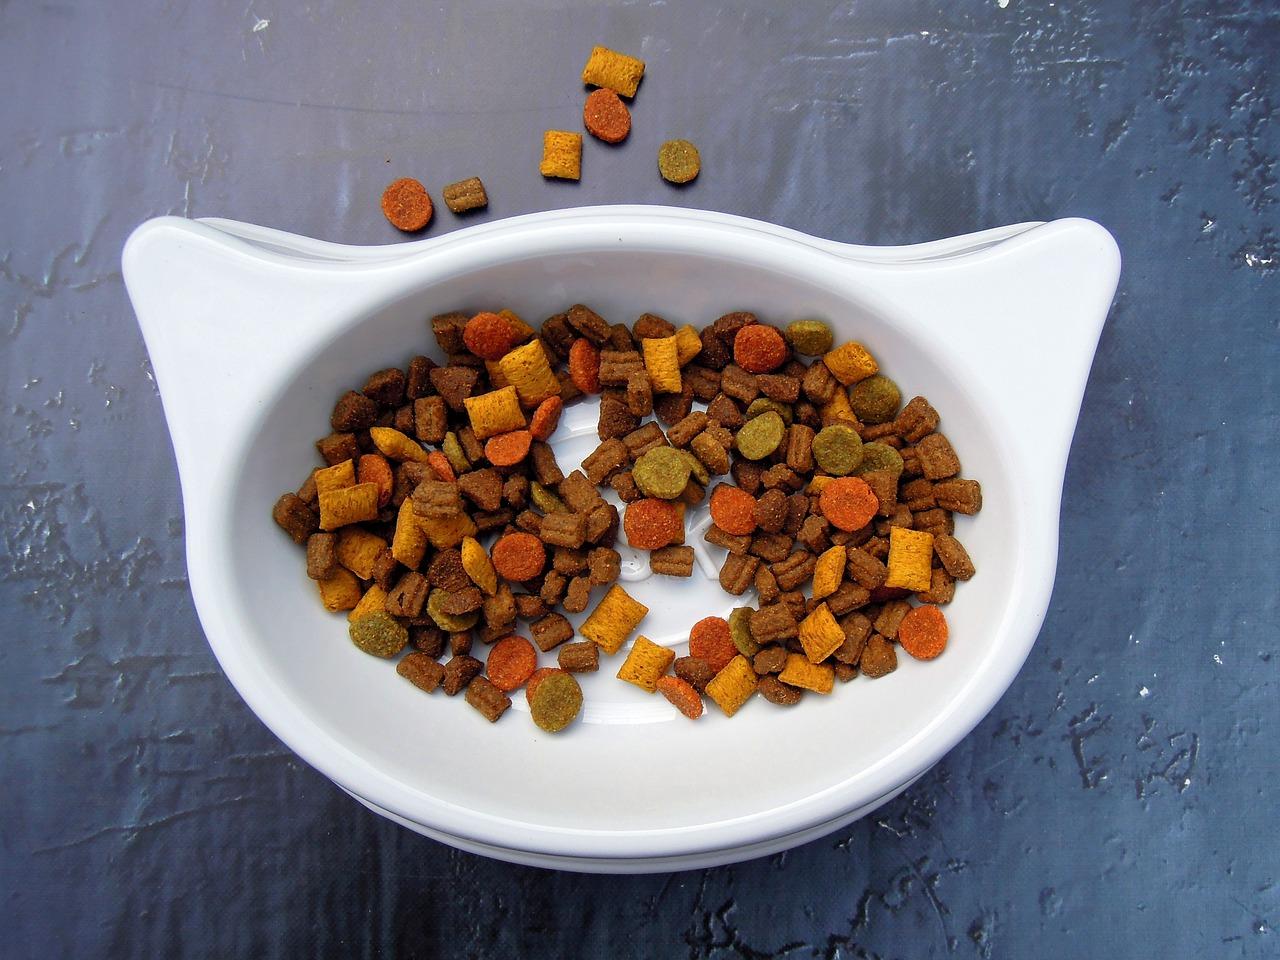 Як приготувати сухий корм для собак та котів своїми руками